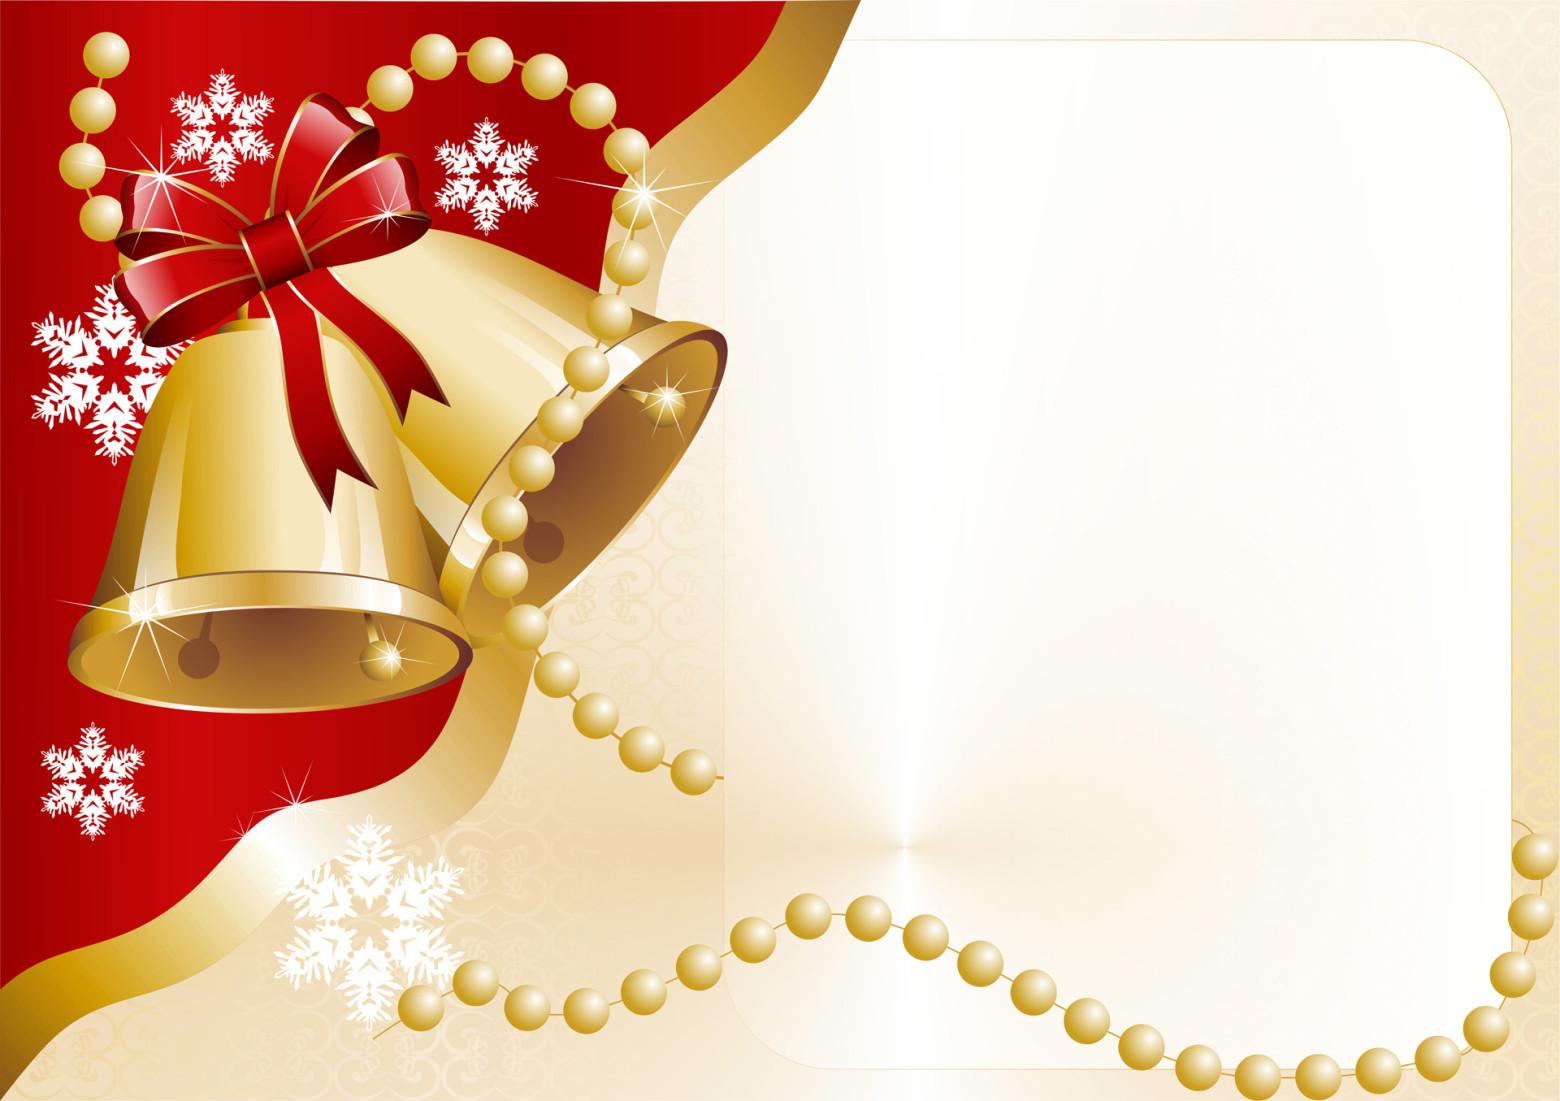 ePub] Voeux De Noel